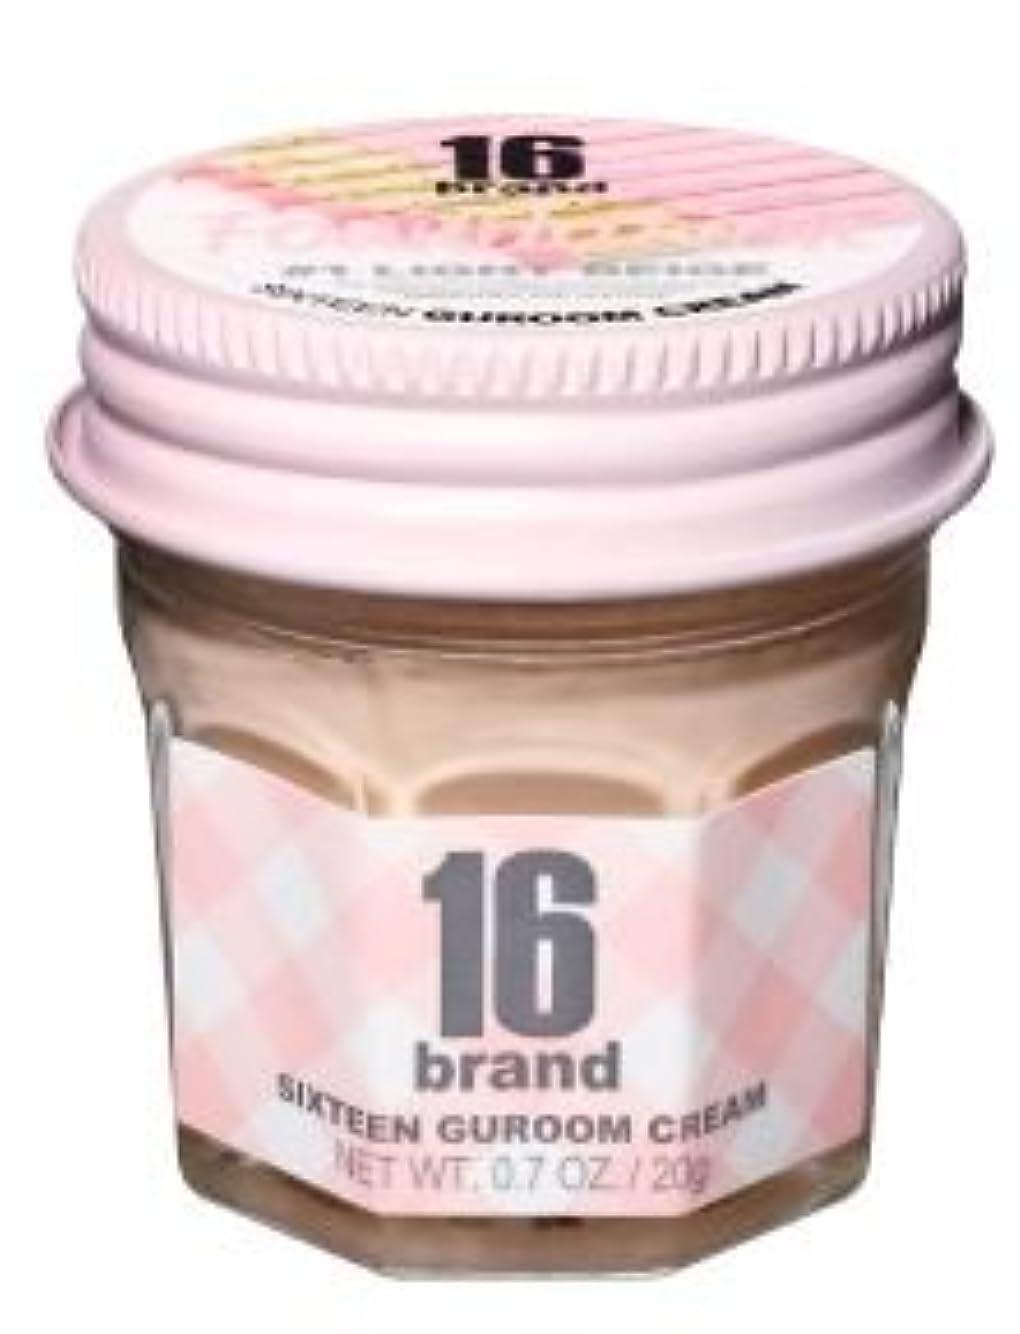 強打人に関する限り闘争16brand Sixteen Guroom Cream Foundation 20g/16ブランド シックスティーン クルム クリーム ファンデーション 20g (#1 Light Beige) [並行輸入品]